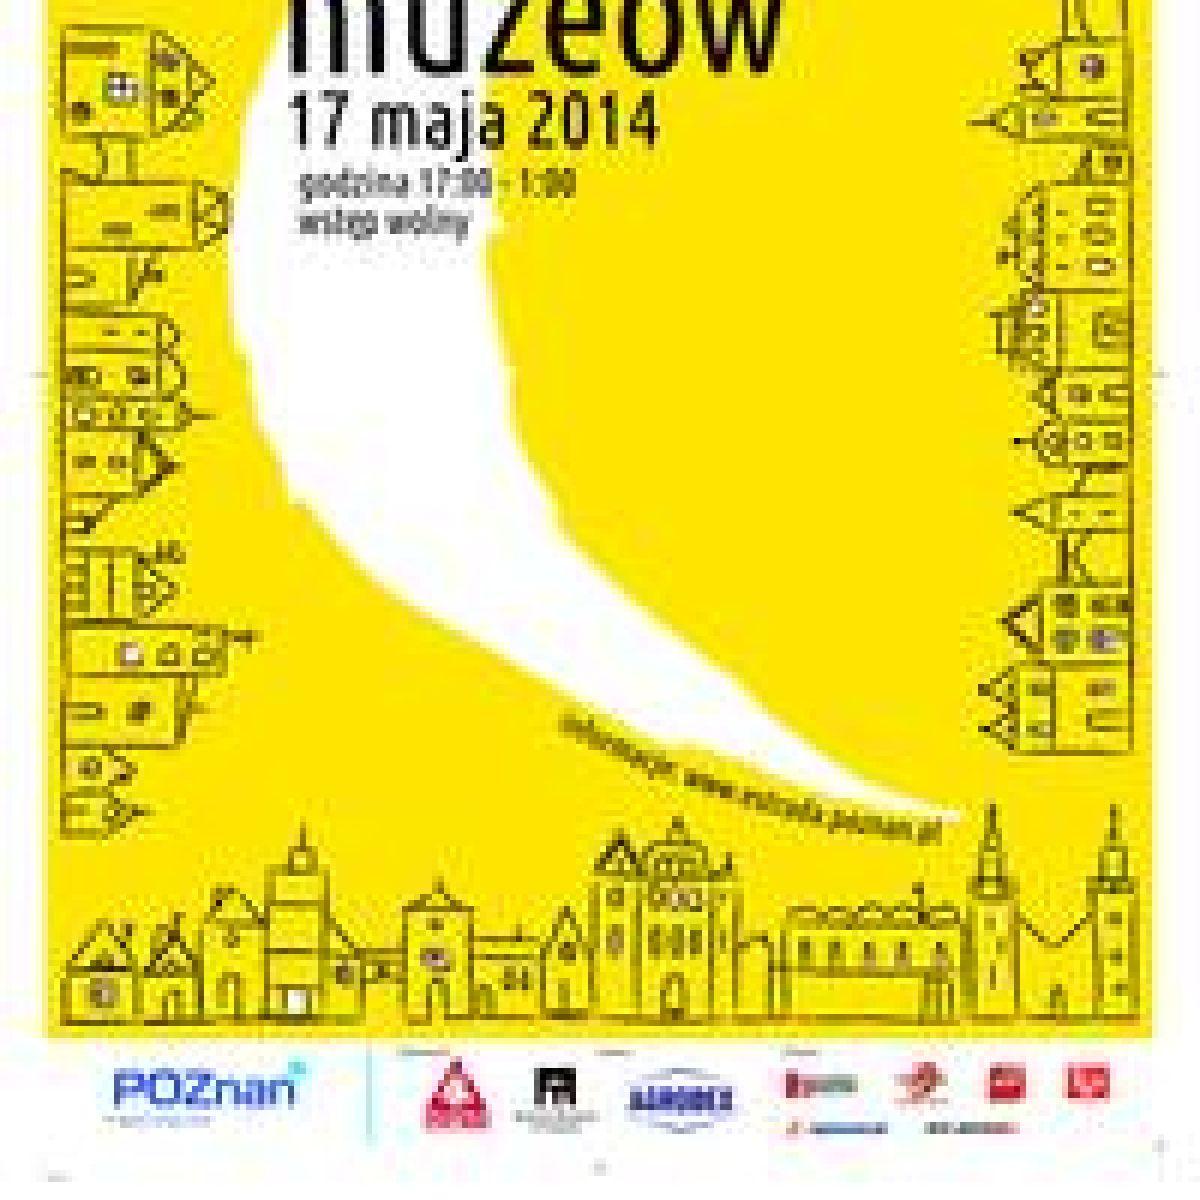 Zapraszamy na dwunastą już edycję Nocy Muzeów w Poznaniu!